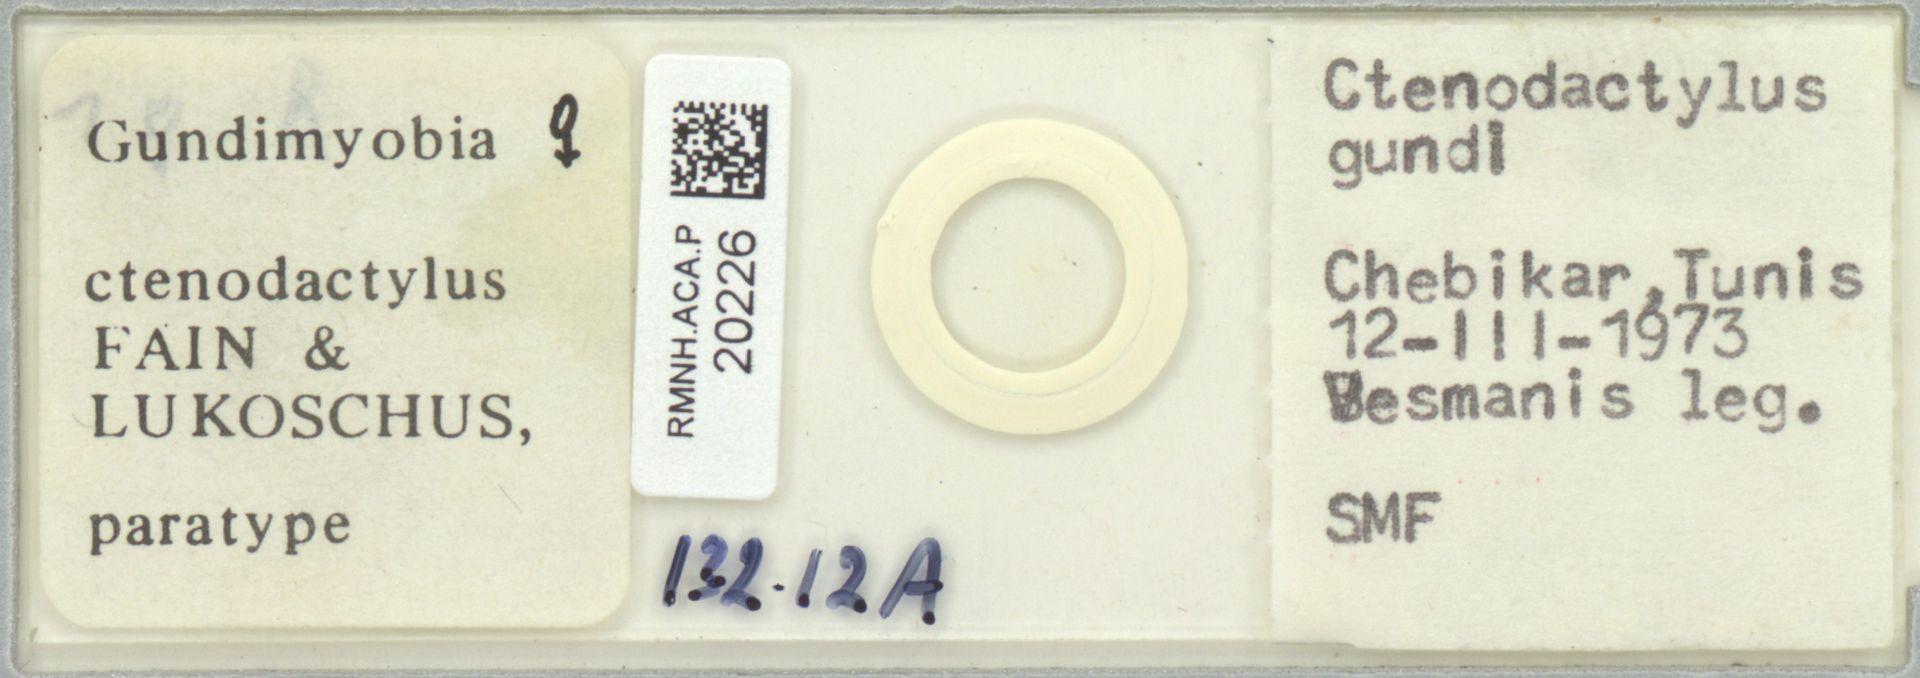 RMNH.ACA.P.20226 | Gundimyobia ctenodactylus